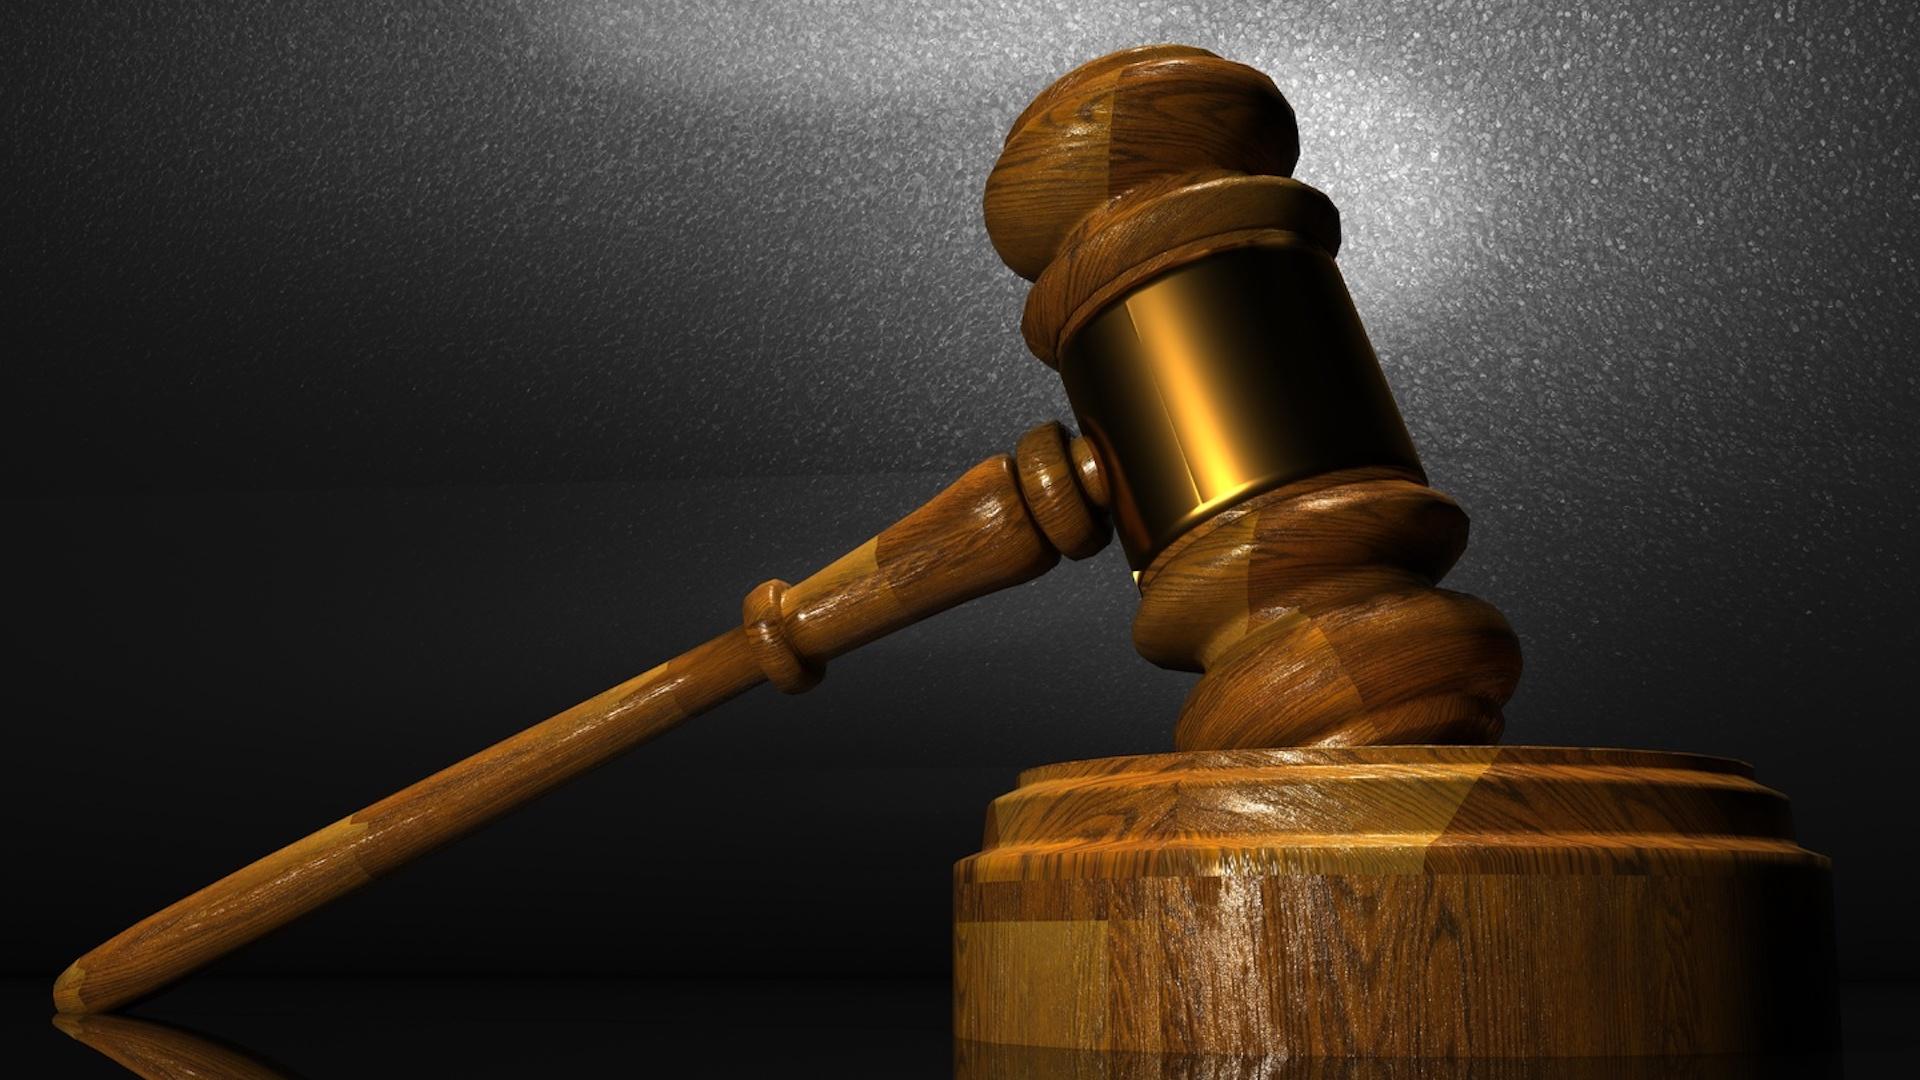 Chargé par son gang d'envoyer les demandes de rançon, un cybercriminel écope de 5 ans de prison